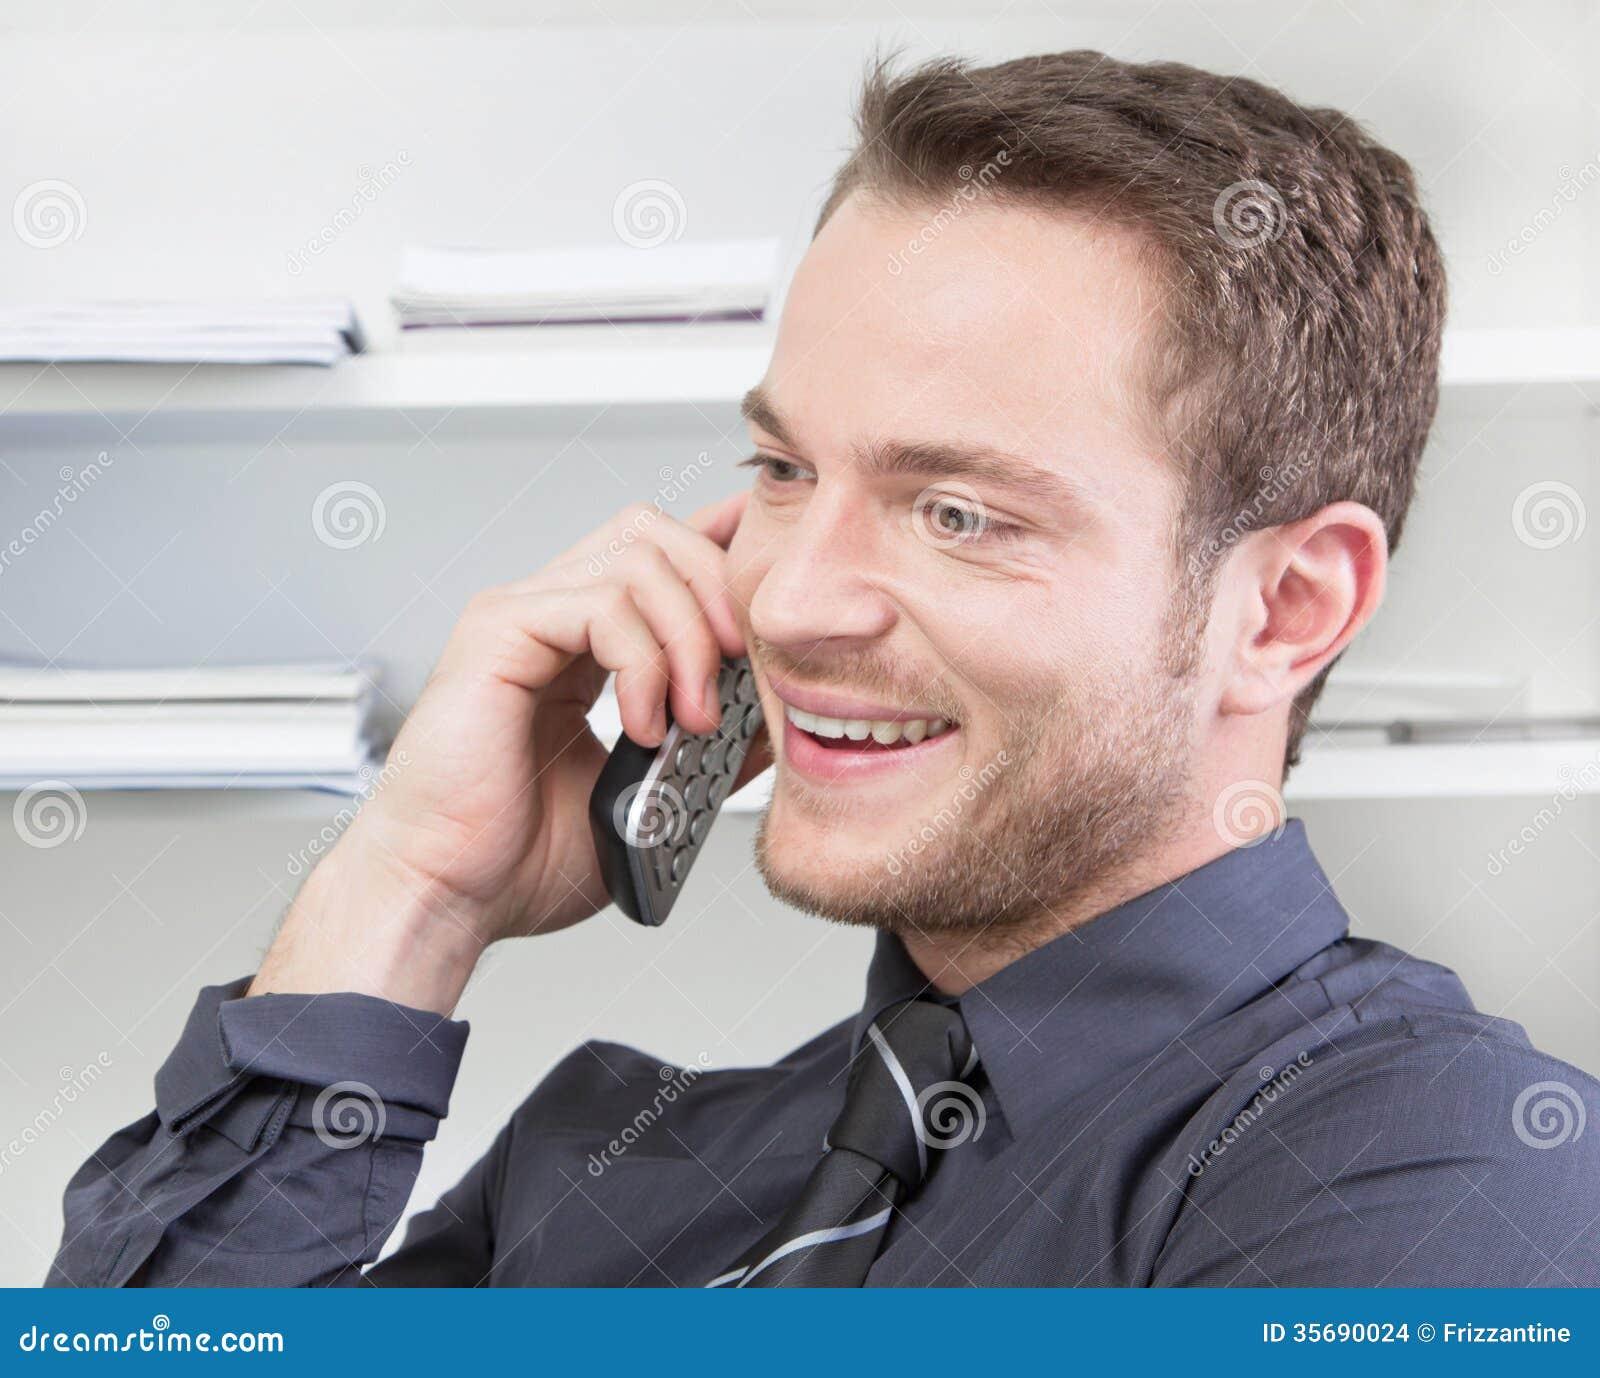 how do flirt with a guy on the phone